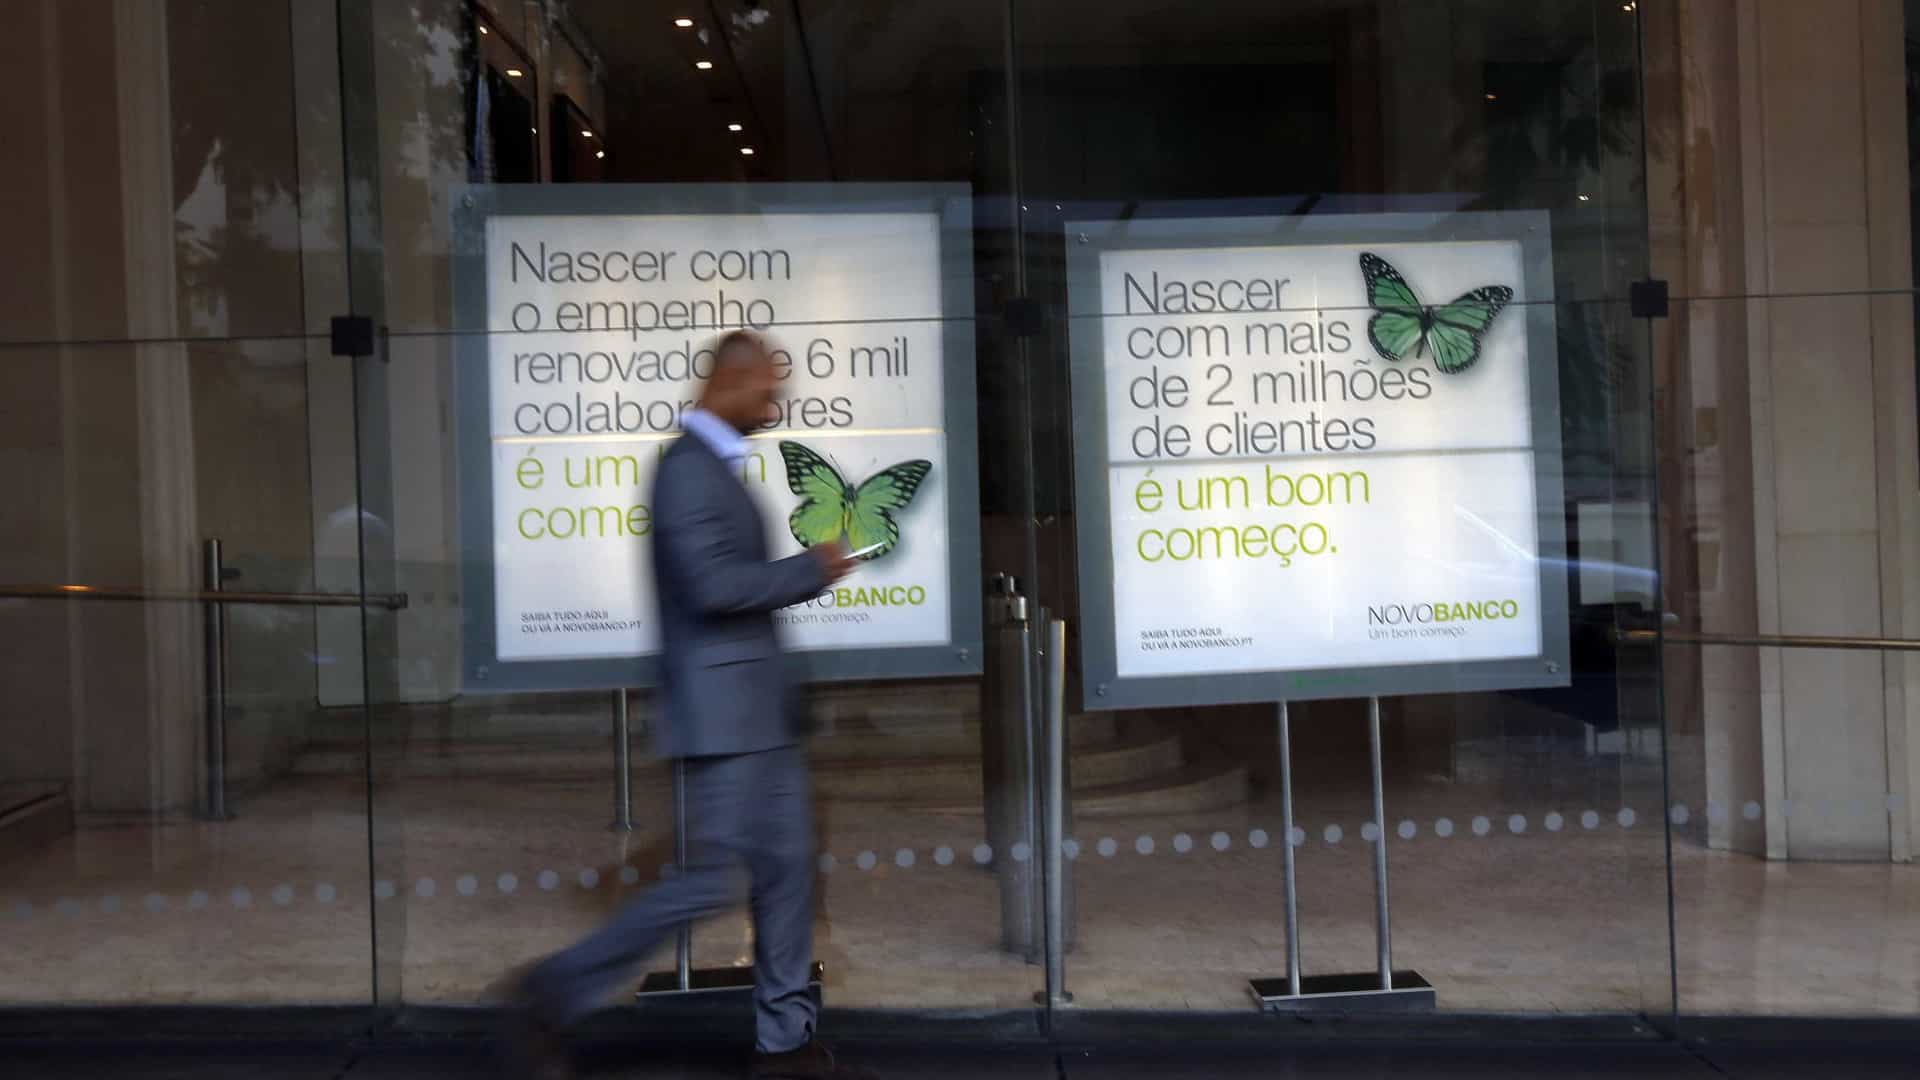 """Novo Banco rejeita que esteja a vender imóveis a preços """"desajustados"""""""